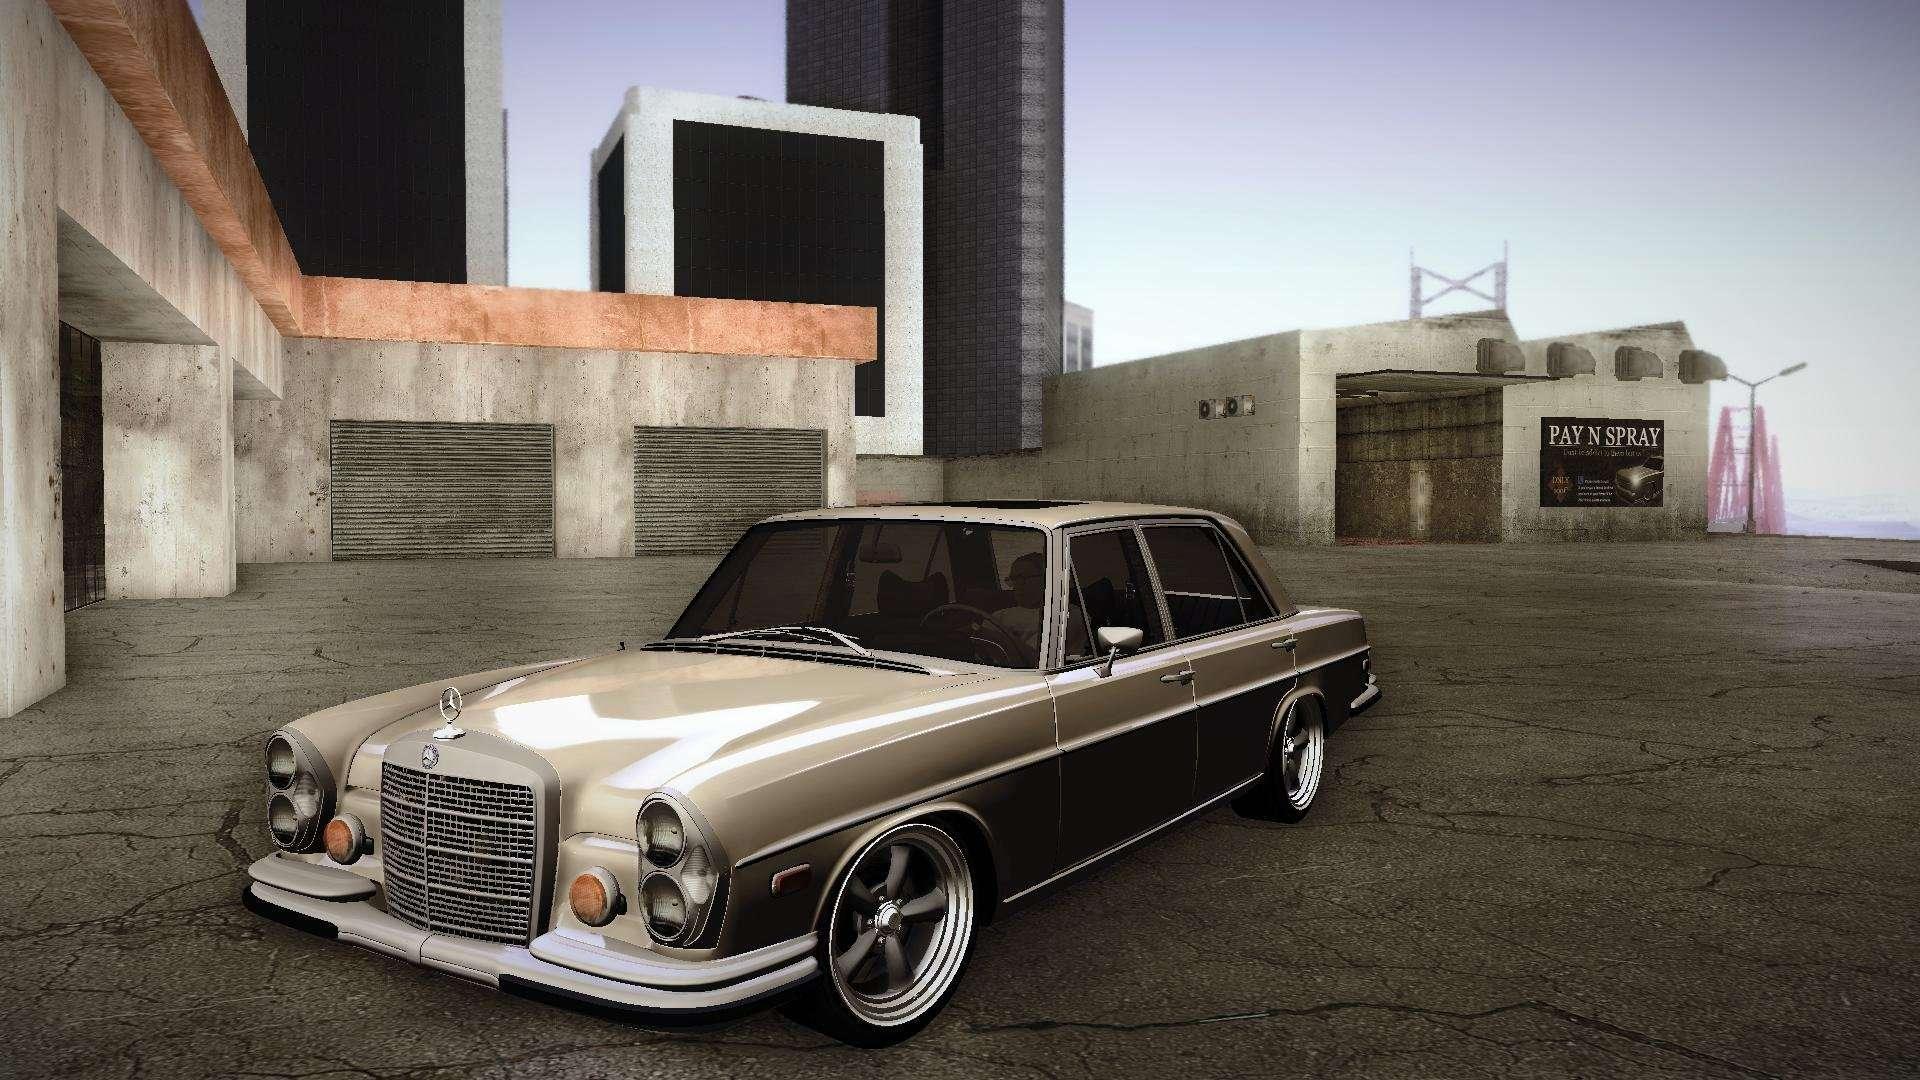 Mercedes benz 300 sel custom rc3d edit for gta san andreas for Mercedes benz custom